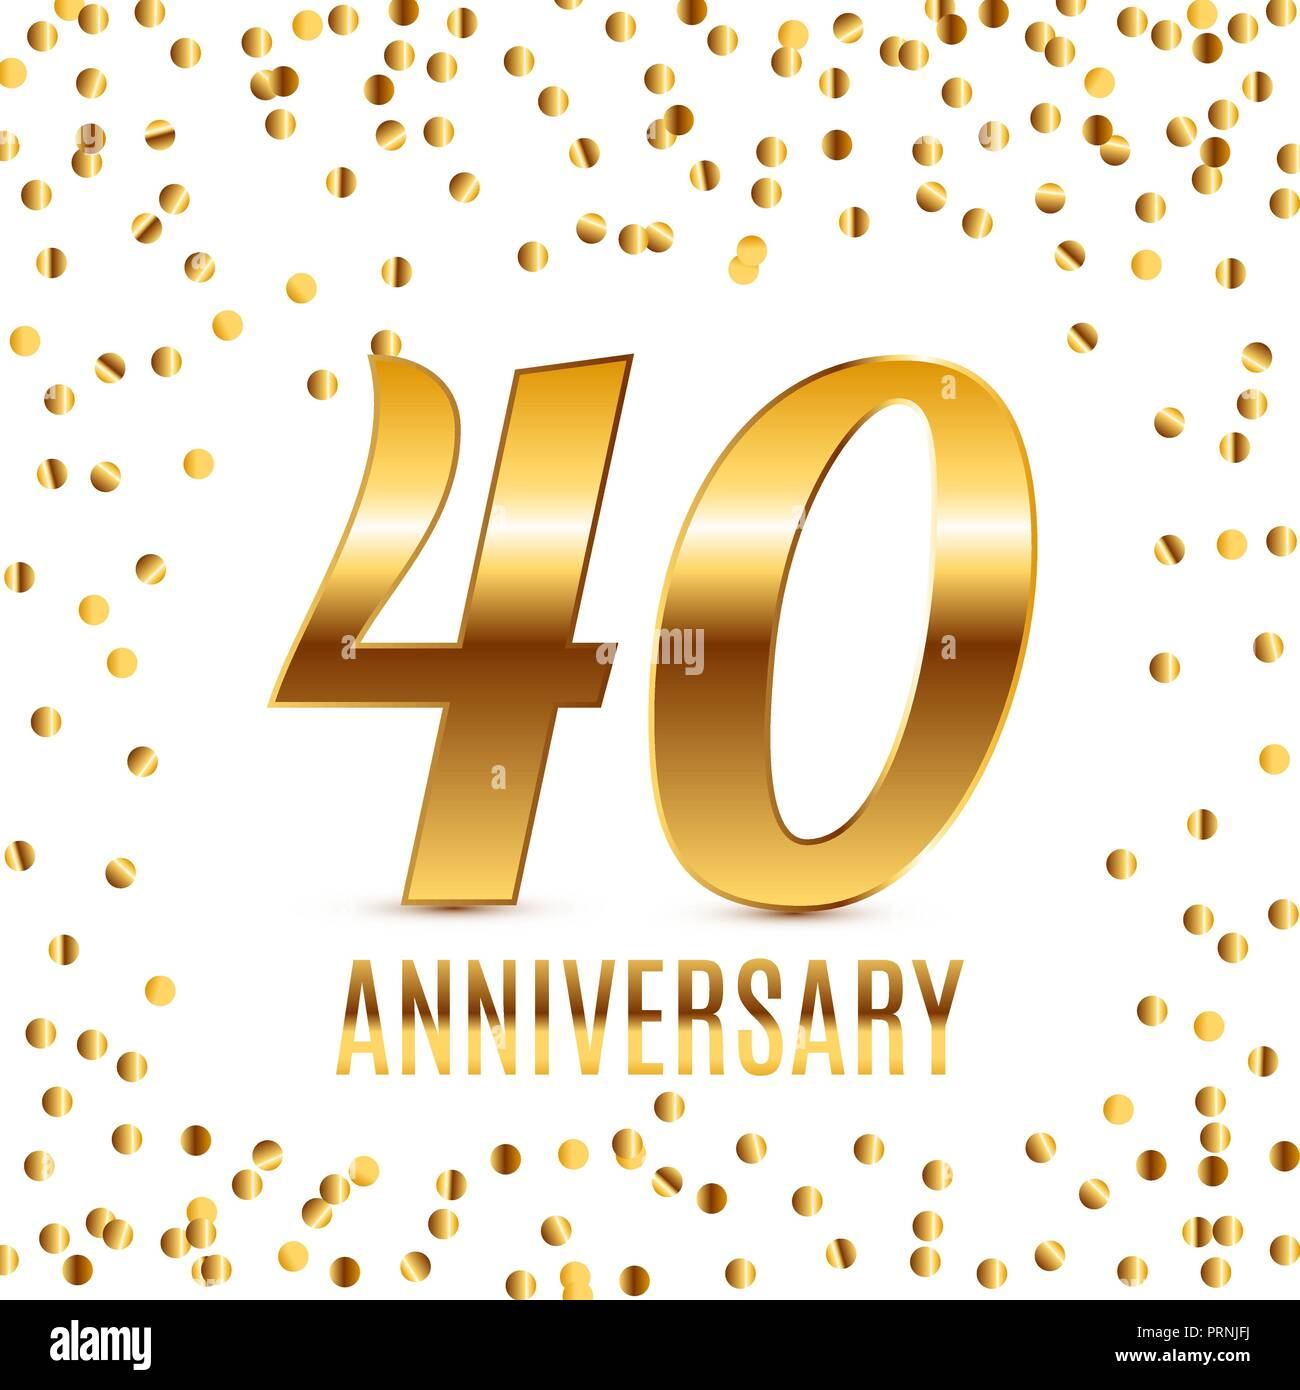 Feiert 40 Jahriges Jubilaum Emblem Template Design Mit Gold Zahlen